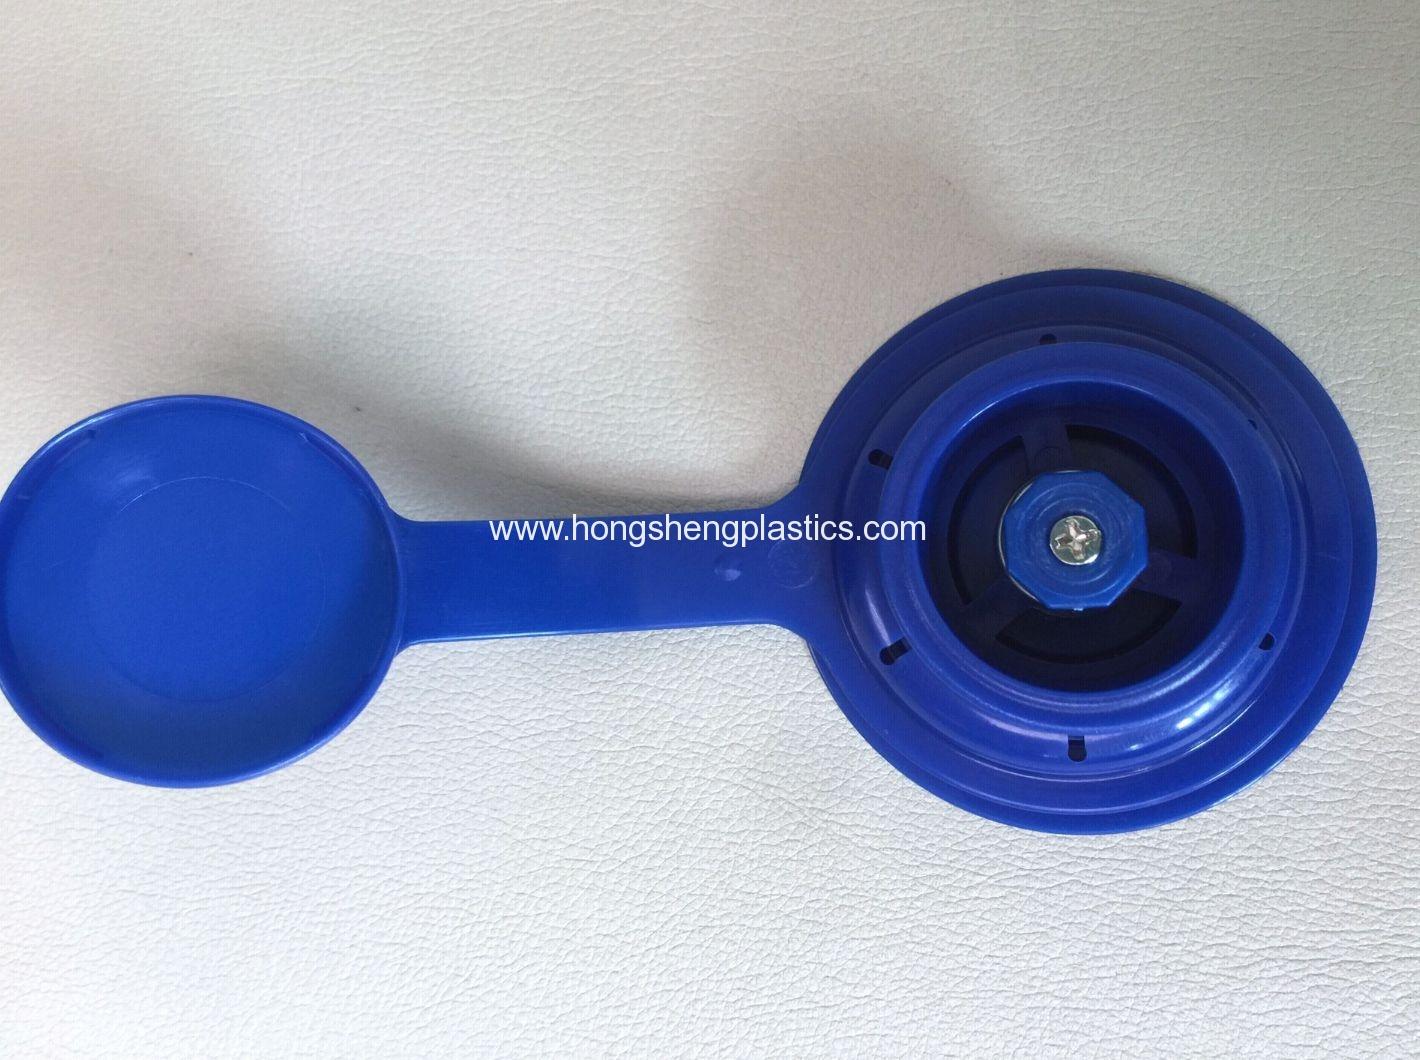 HS-VL001 Fast inflation Dunnage bag valve